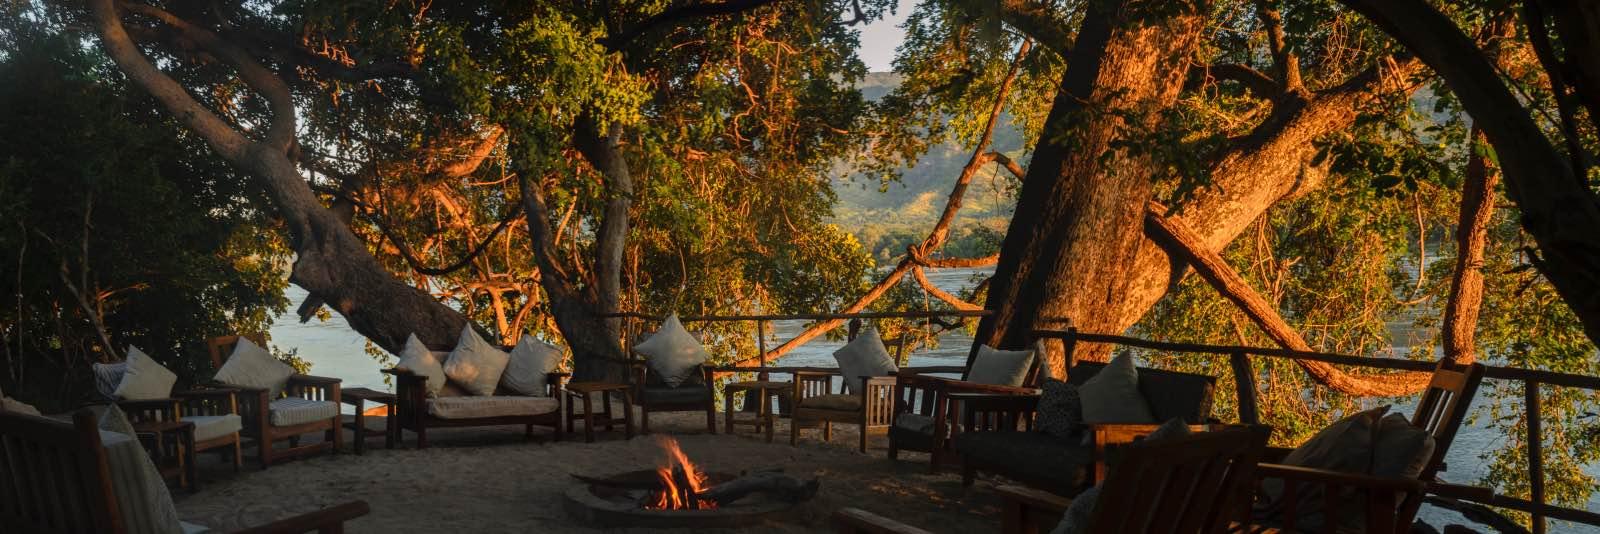 Vundu Camp